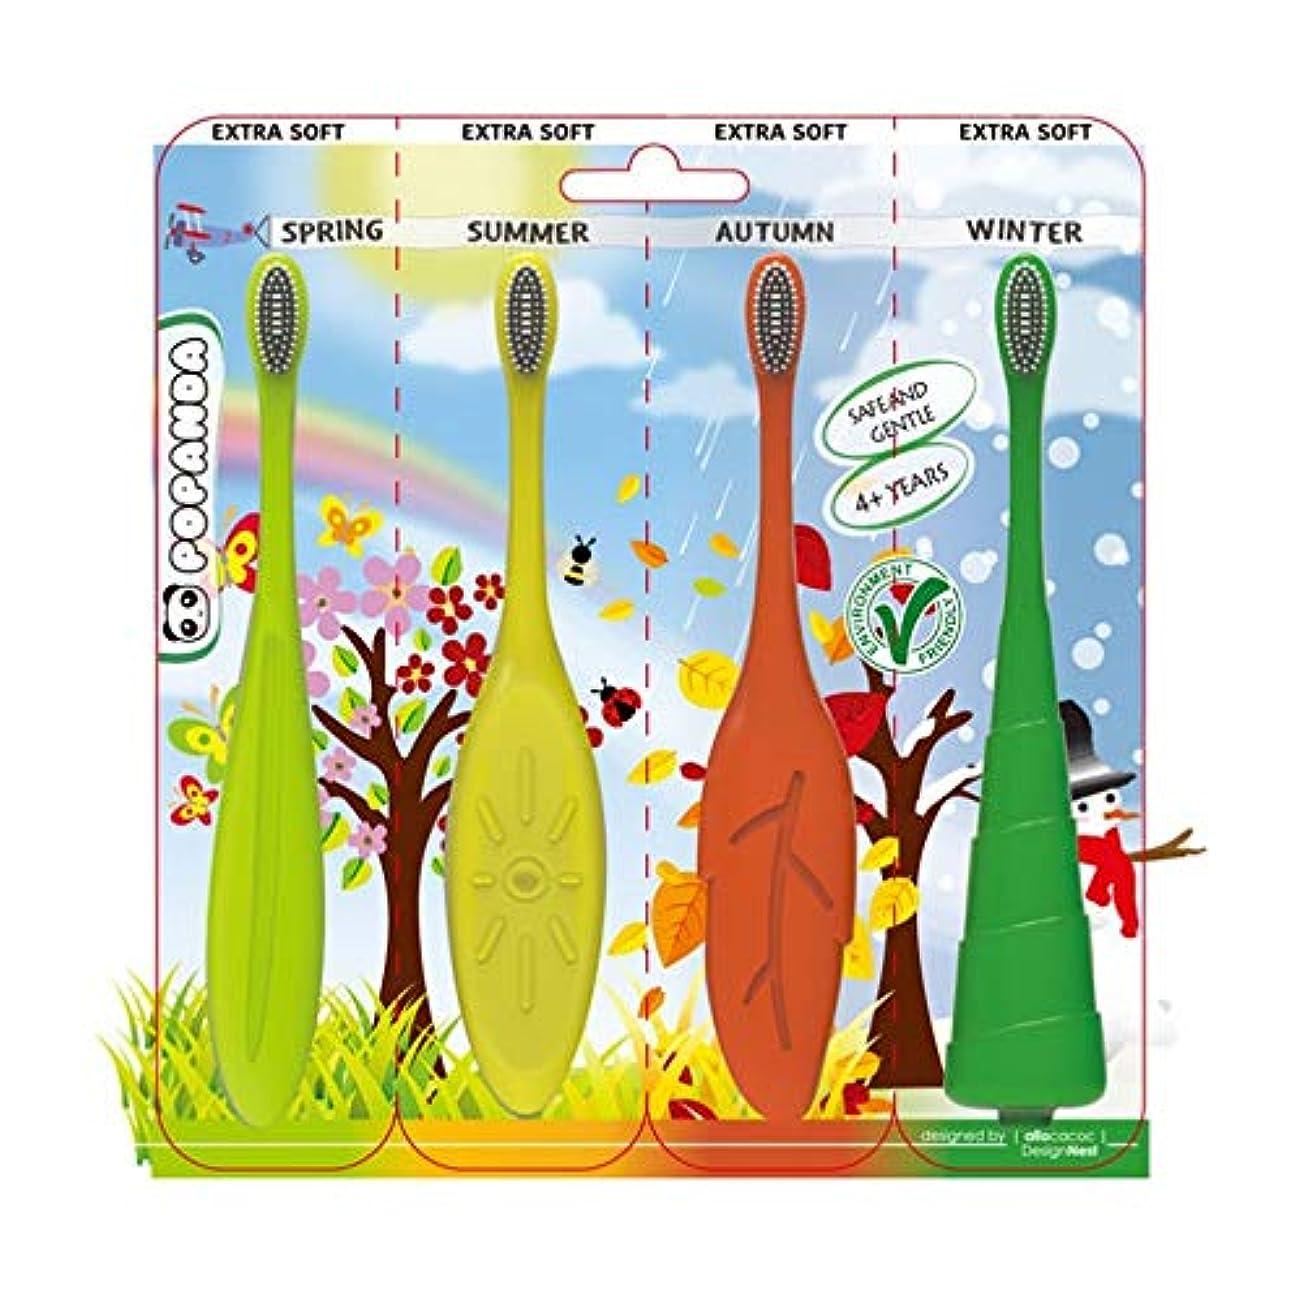 鎮静剤銀修理可能(4個) Baby 幼児 四季 シリコン歯ブラシ Set Baby Kid's Gift Seasonal Silicone Toothbrush 並行輸入